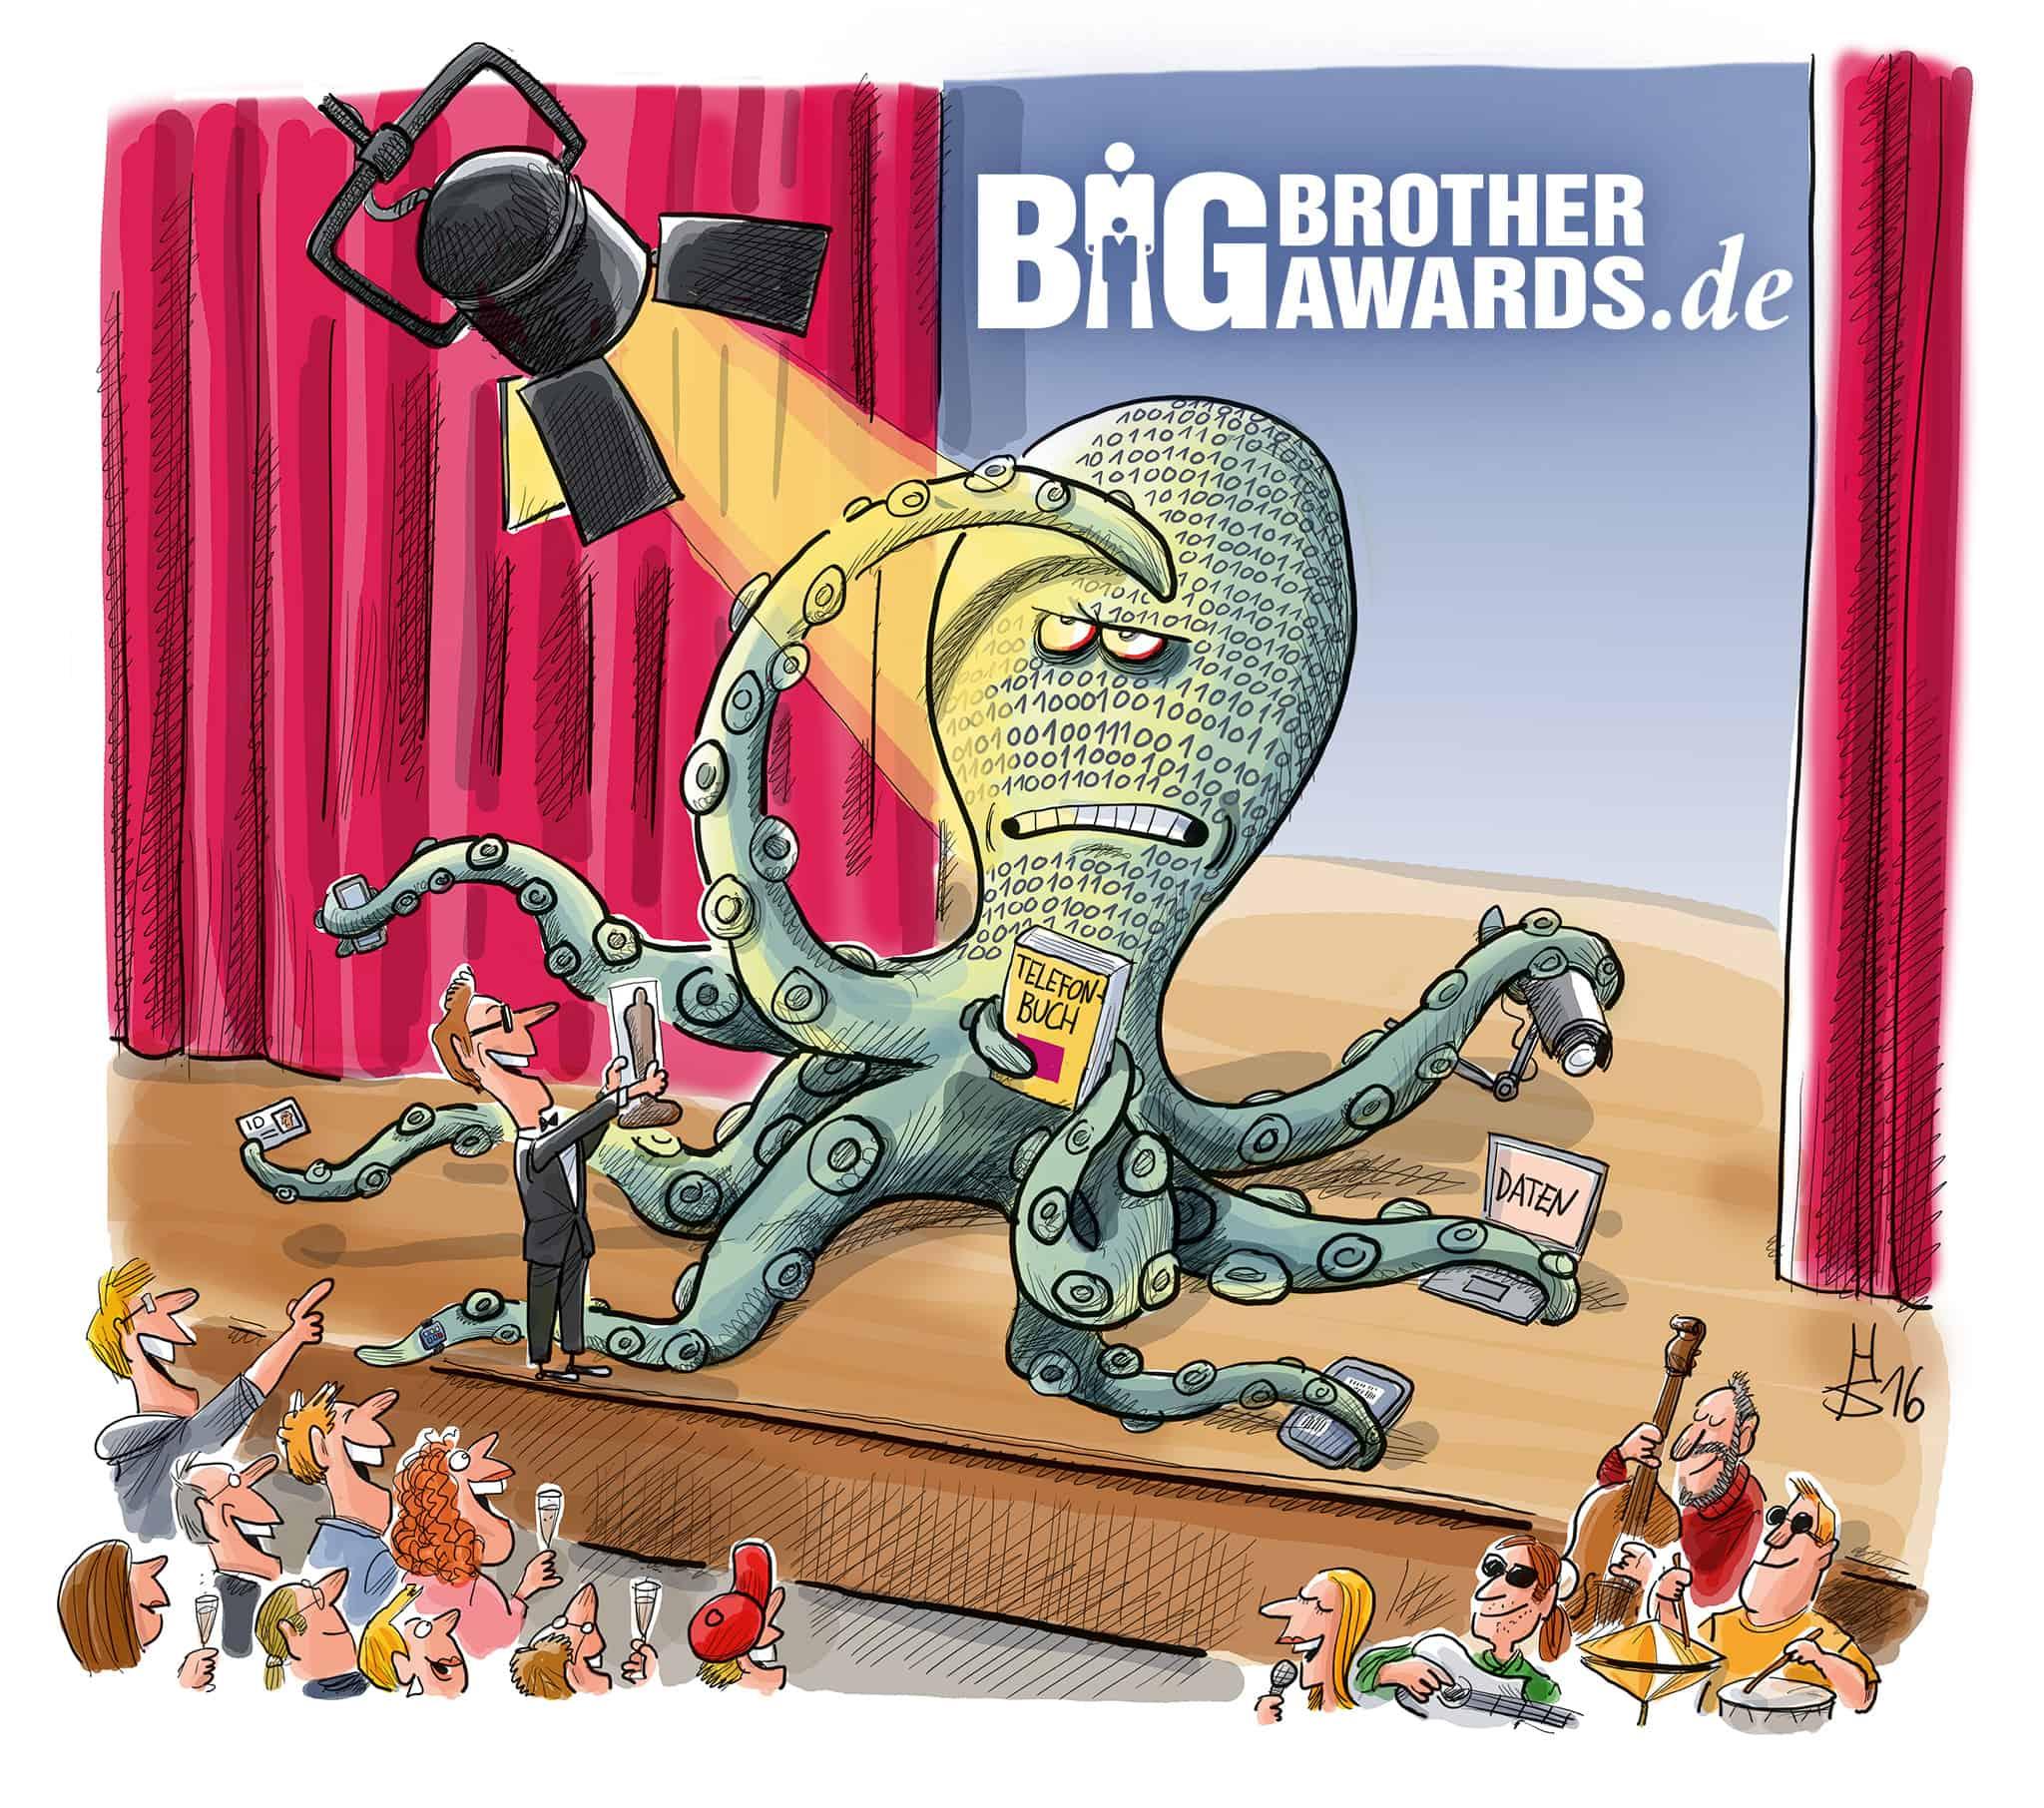 Jens Spahn mit den besten Aussichten auf den Big Brother Award 2020